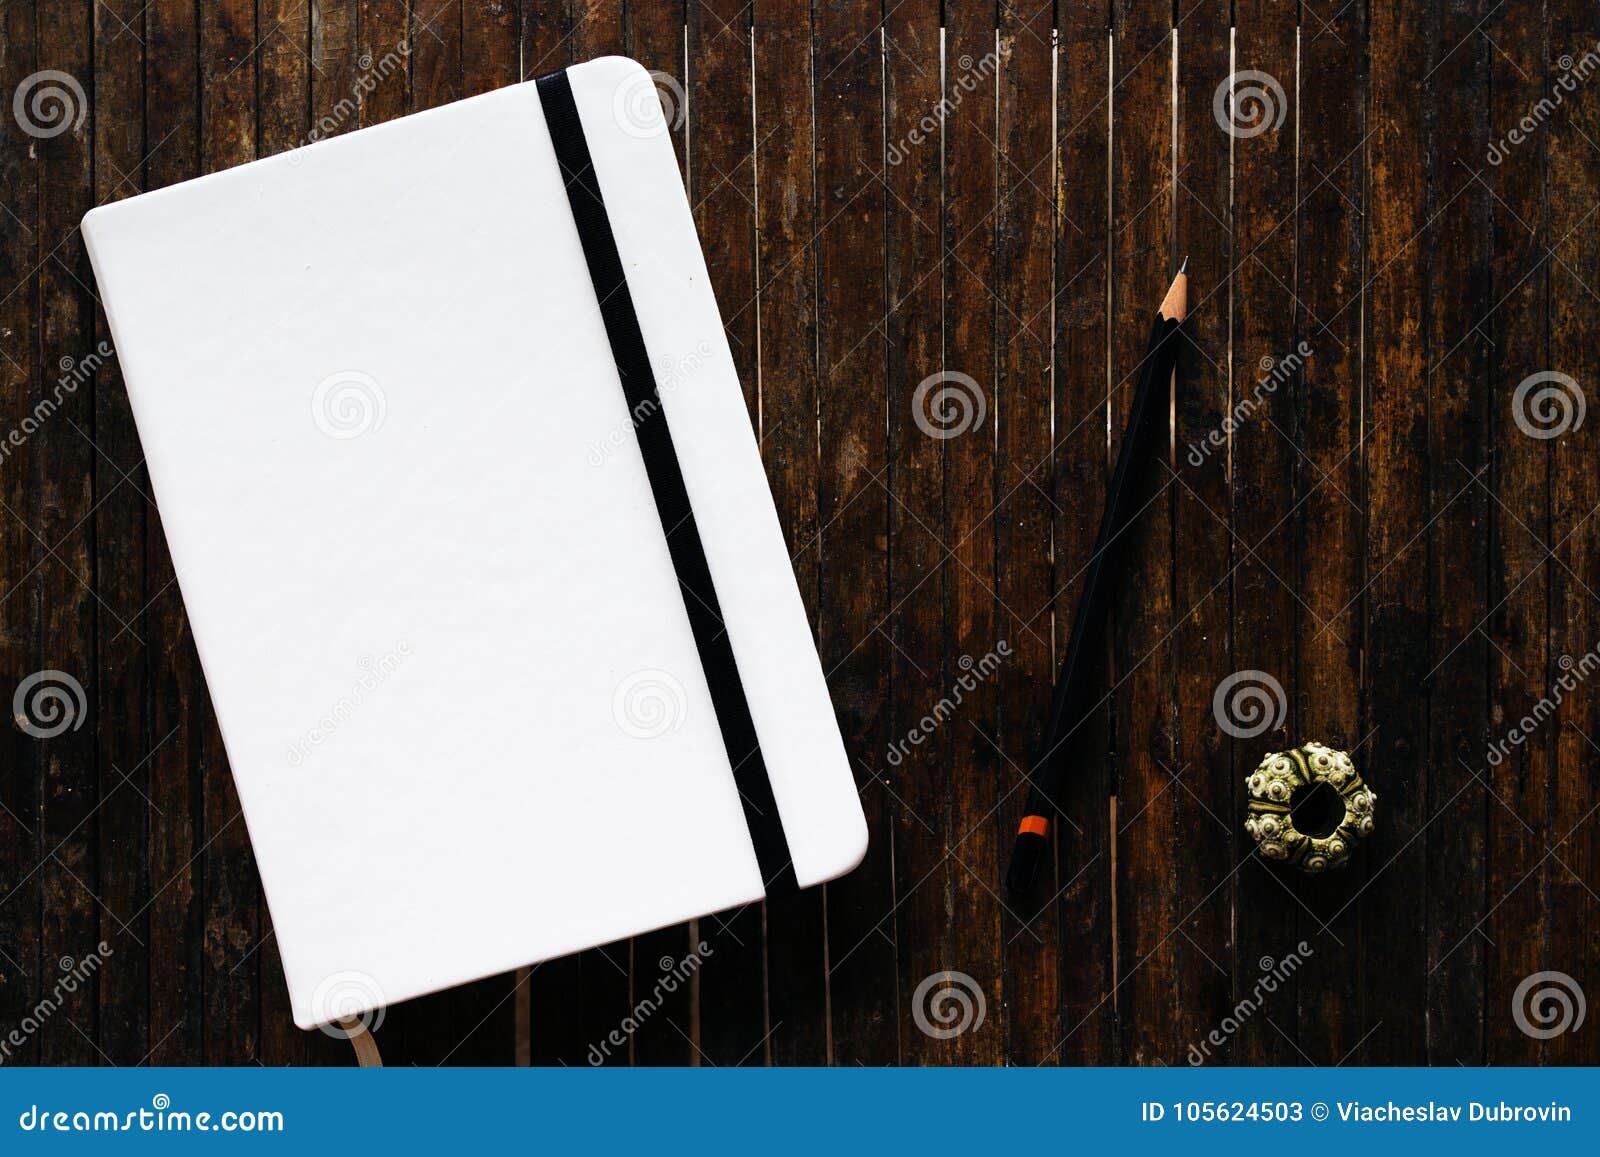 Copertura In Legno Bianco : Lo sketchbook bianco della copertura con la matita nera sul piano